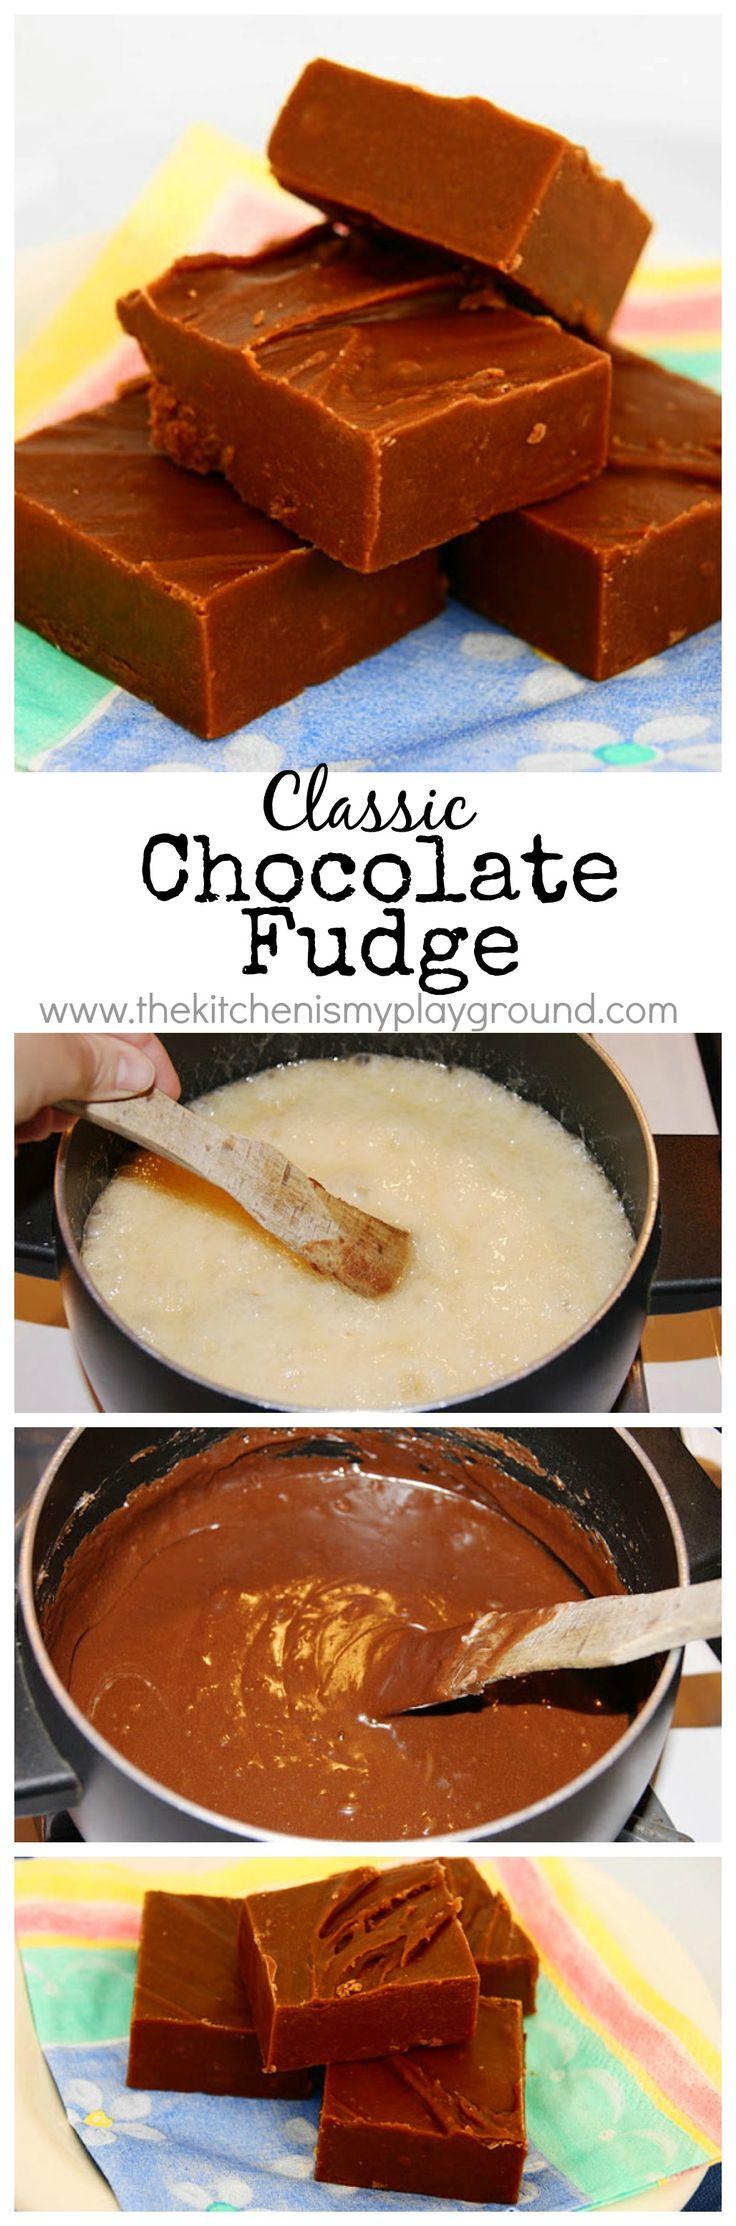 Creamy classic Chocolate Fudge www.thekitchenismyplayground.com